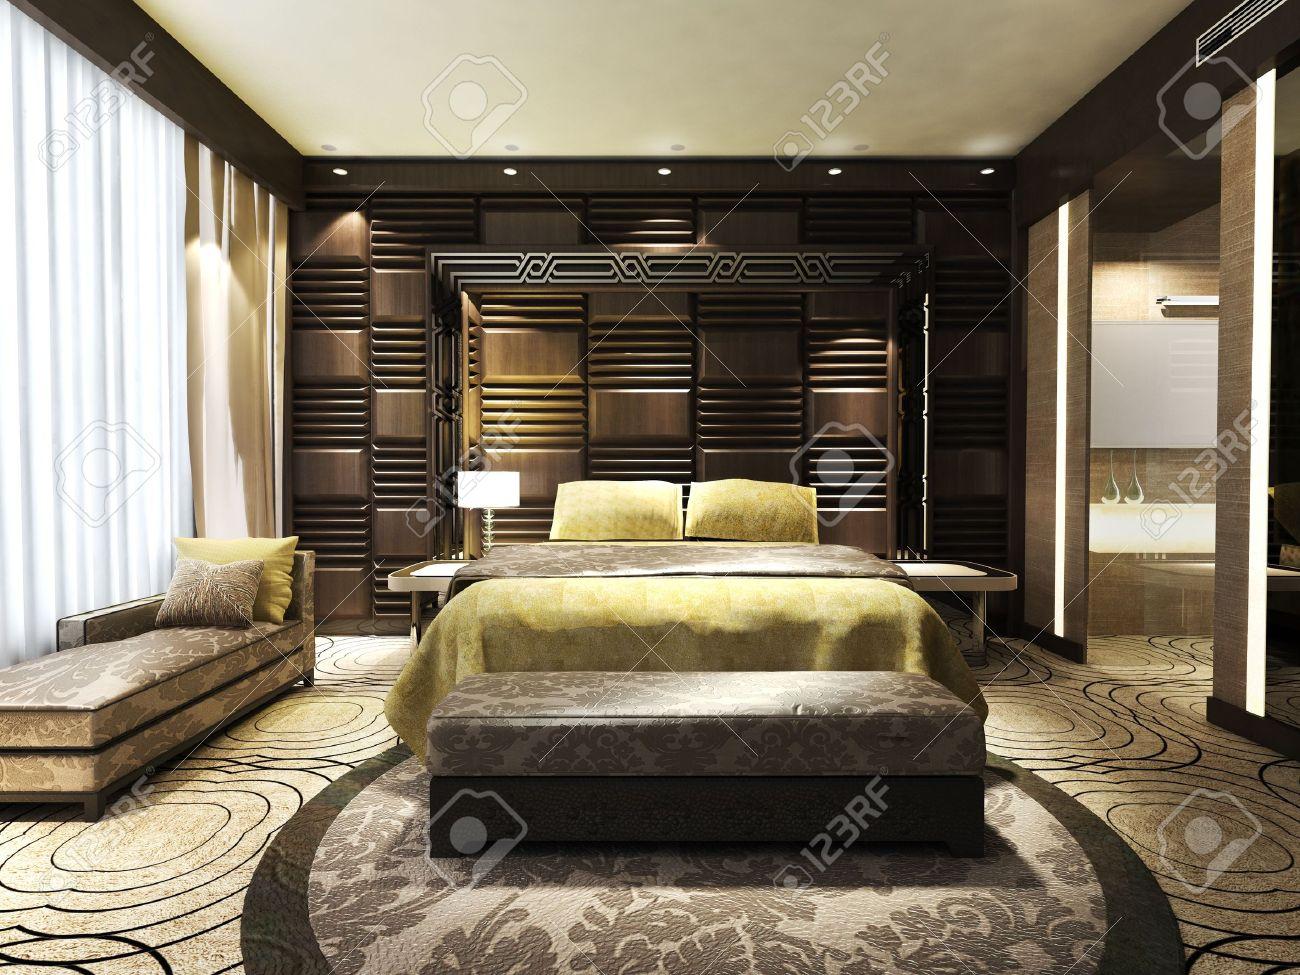 chambre a coucher luxe banque dimages vecteurs et illustrations - Chambre A Coucher Lit King Size